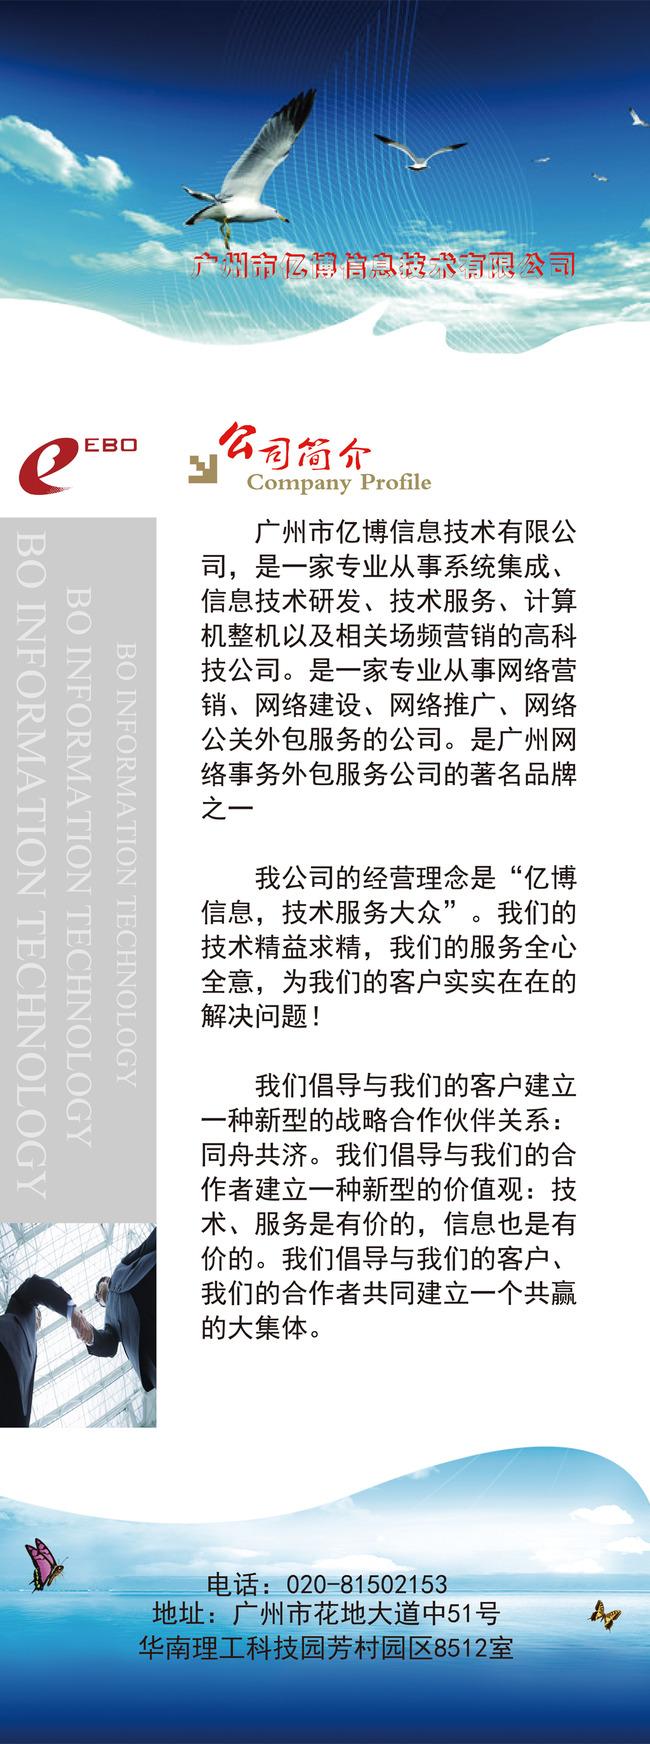 公司简介x展架易拉宝模板下载(图片编号:12559426)